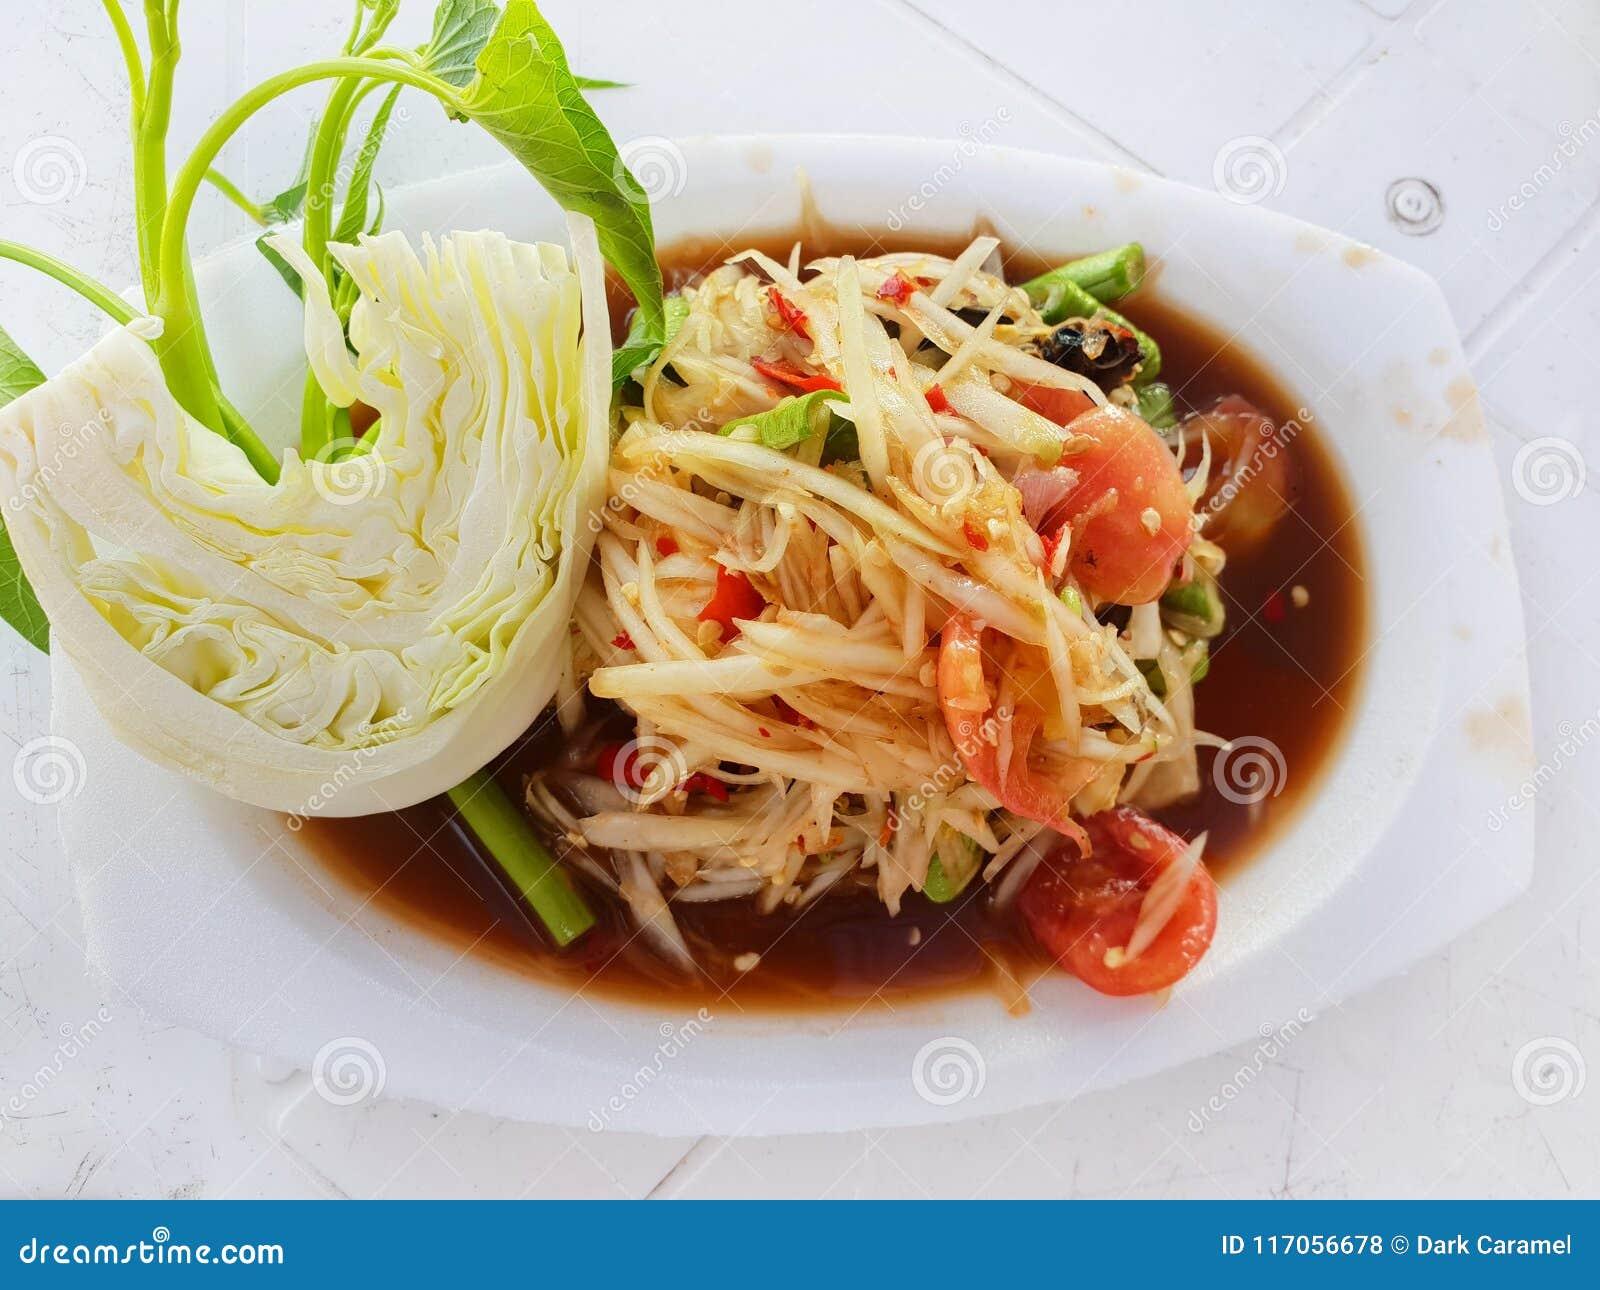 Ταϊλανδικό ύφος τροφίμων, Papaya σαλάτα με την ντομάτα, γαρίδες, τσίλι, φασόλι, δόξα πρωινού και λάχανο στο άσπρο πιάτο